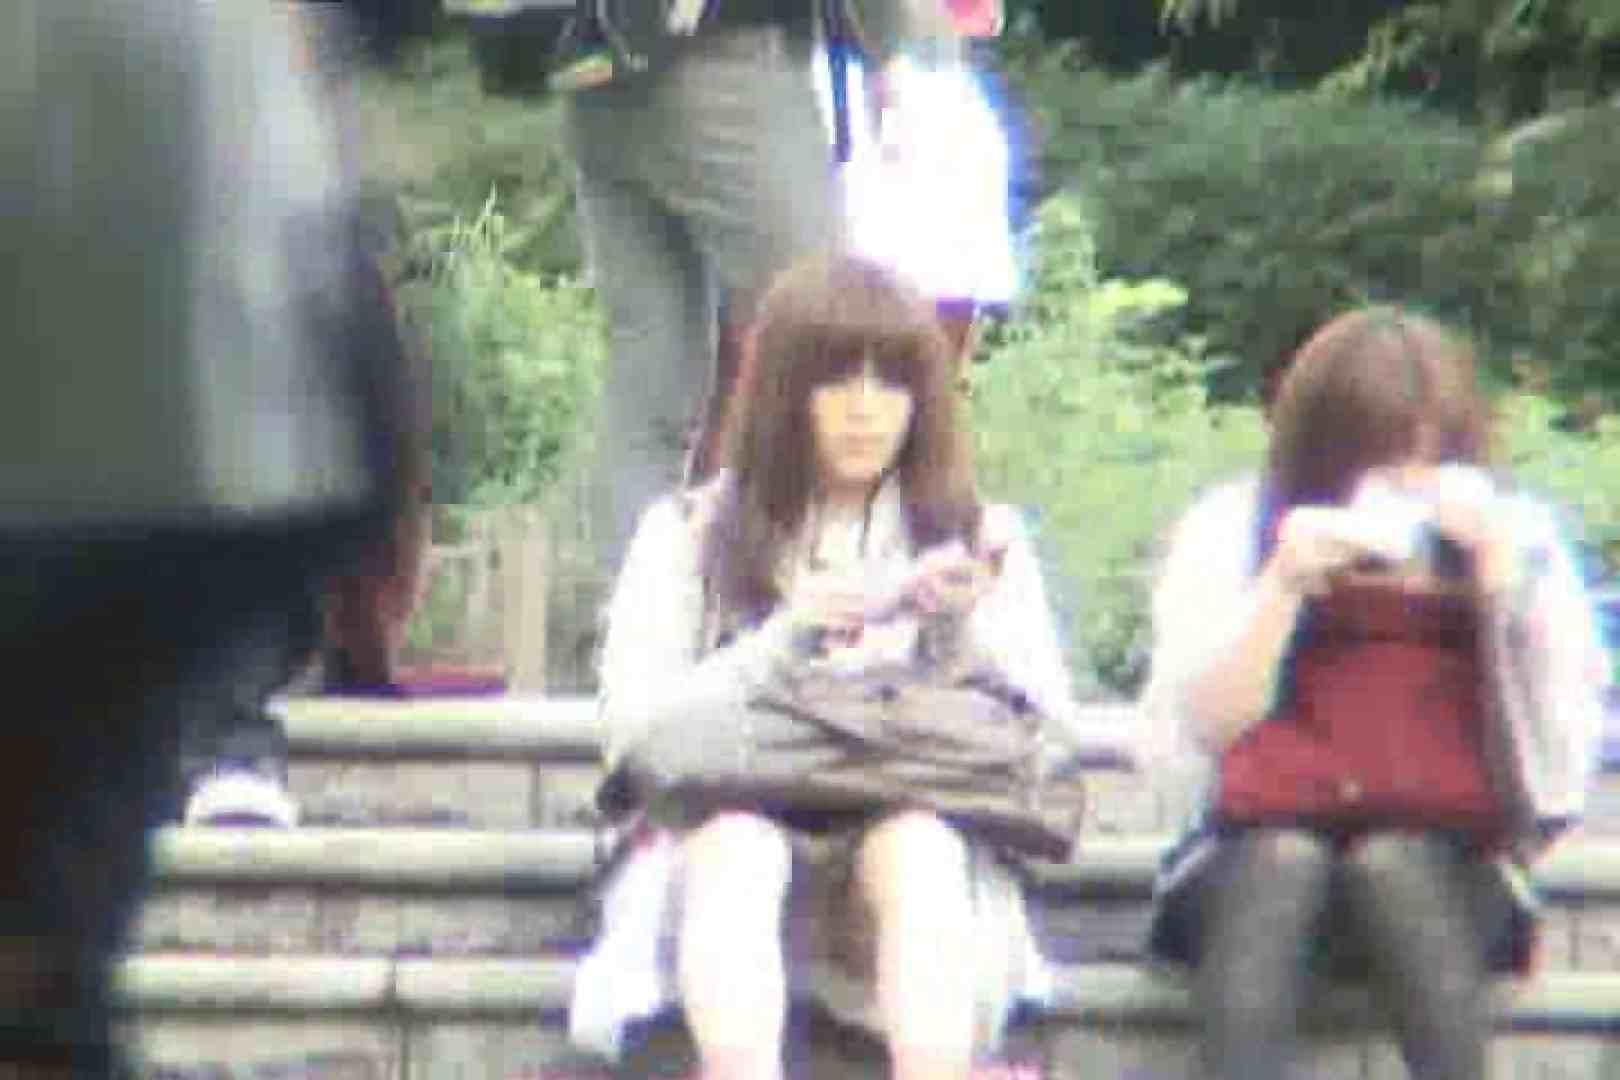 超最新版!春夏秋冬 vol.04 ティーンギャル おまんこ無修正動画無料 87連発 10